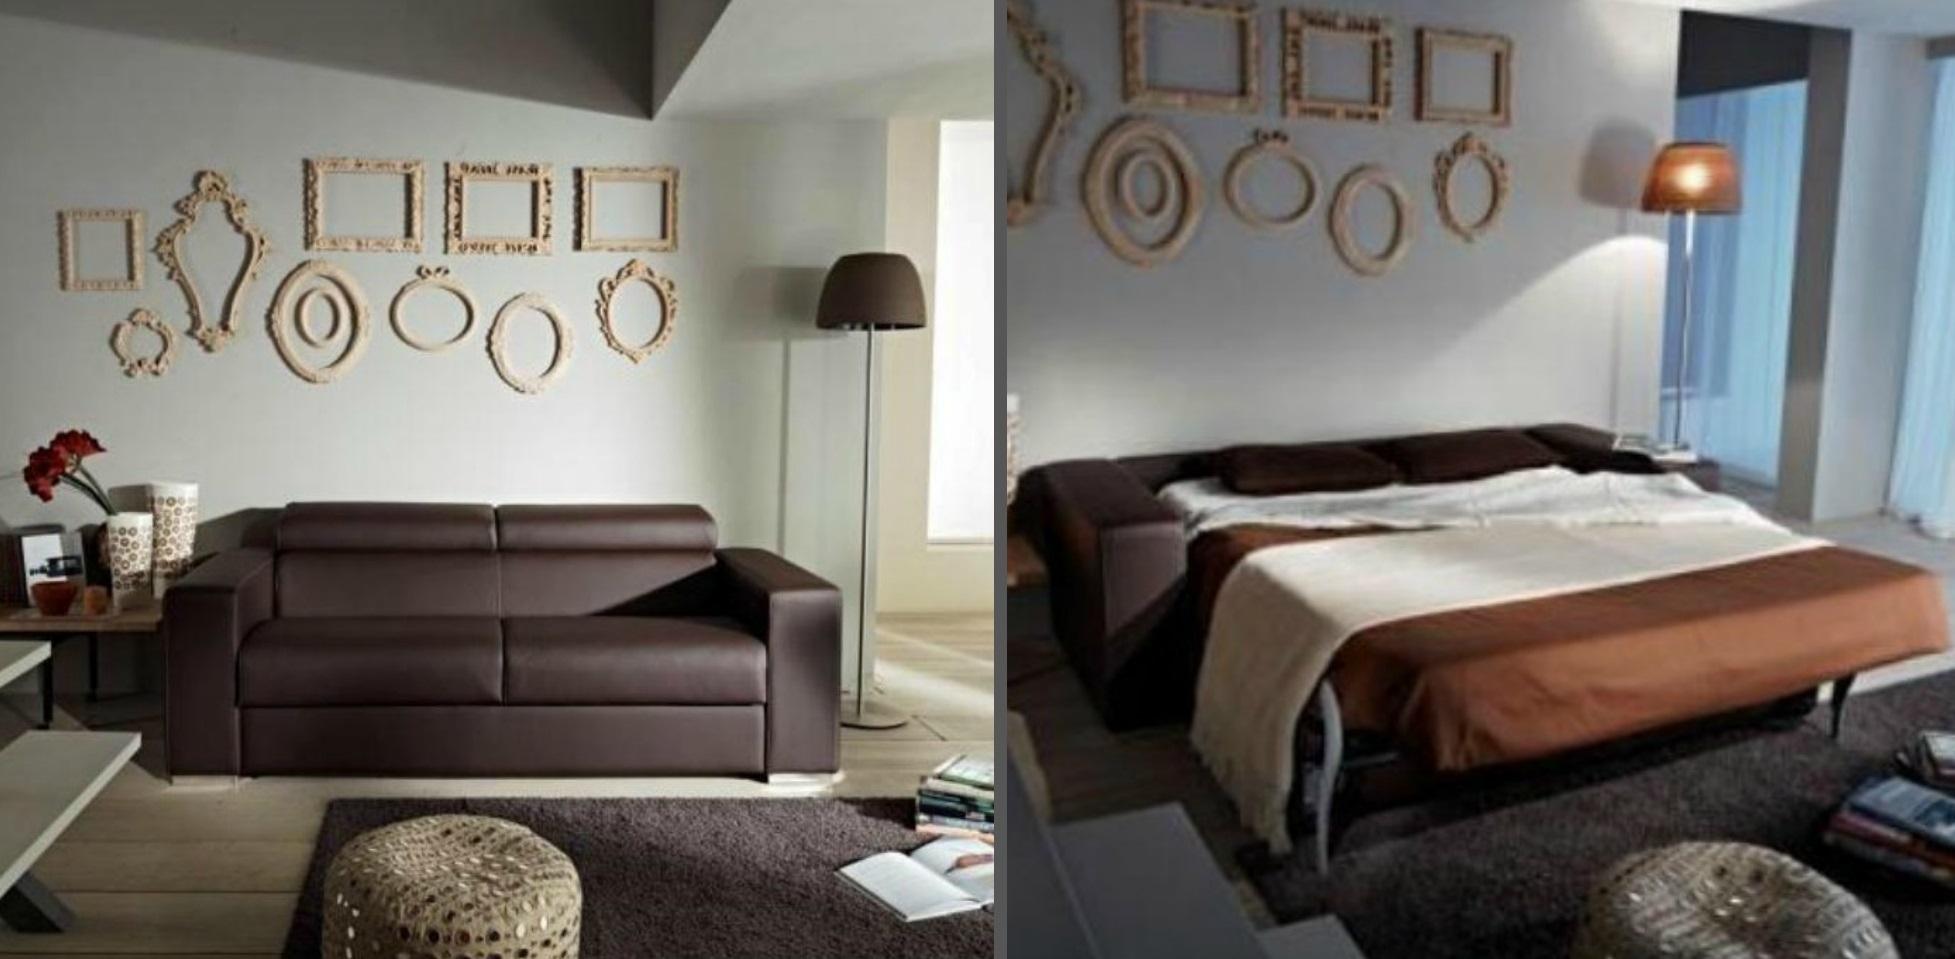 Divano con schienale reclinabile letto estraibile con materasso in memory divani a prezzi scontati - Letto estraibile moderno ...